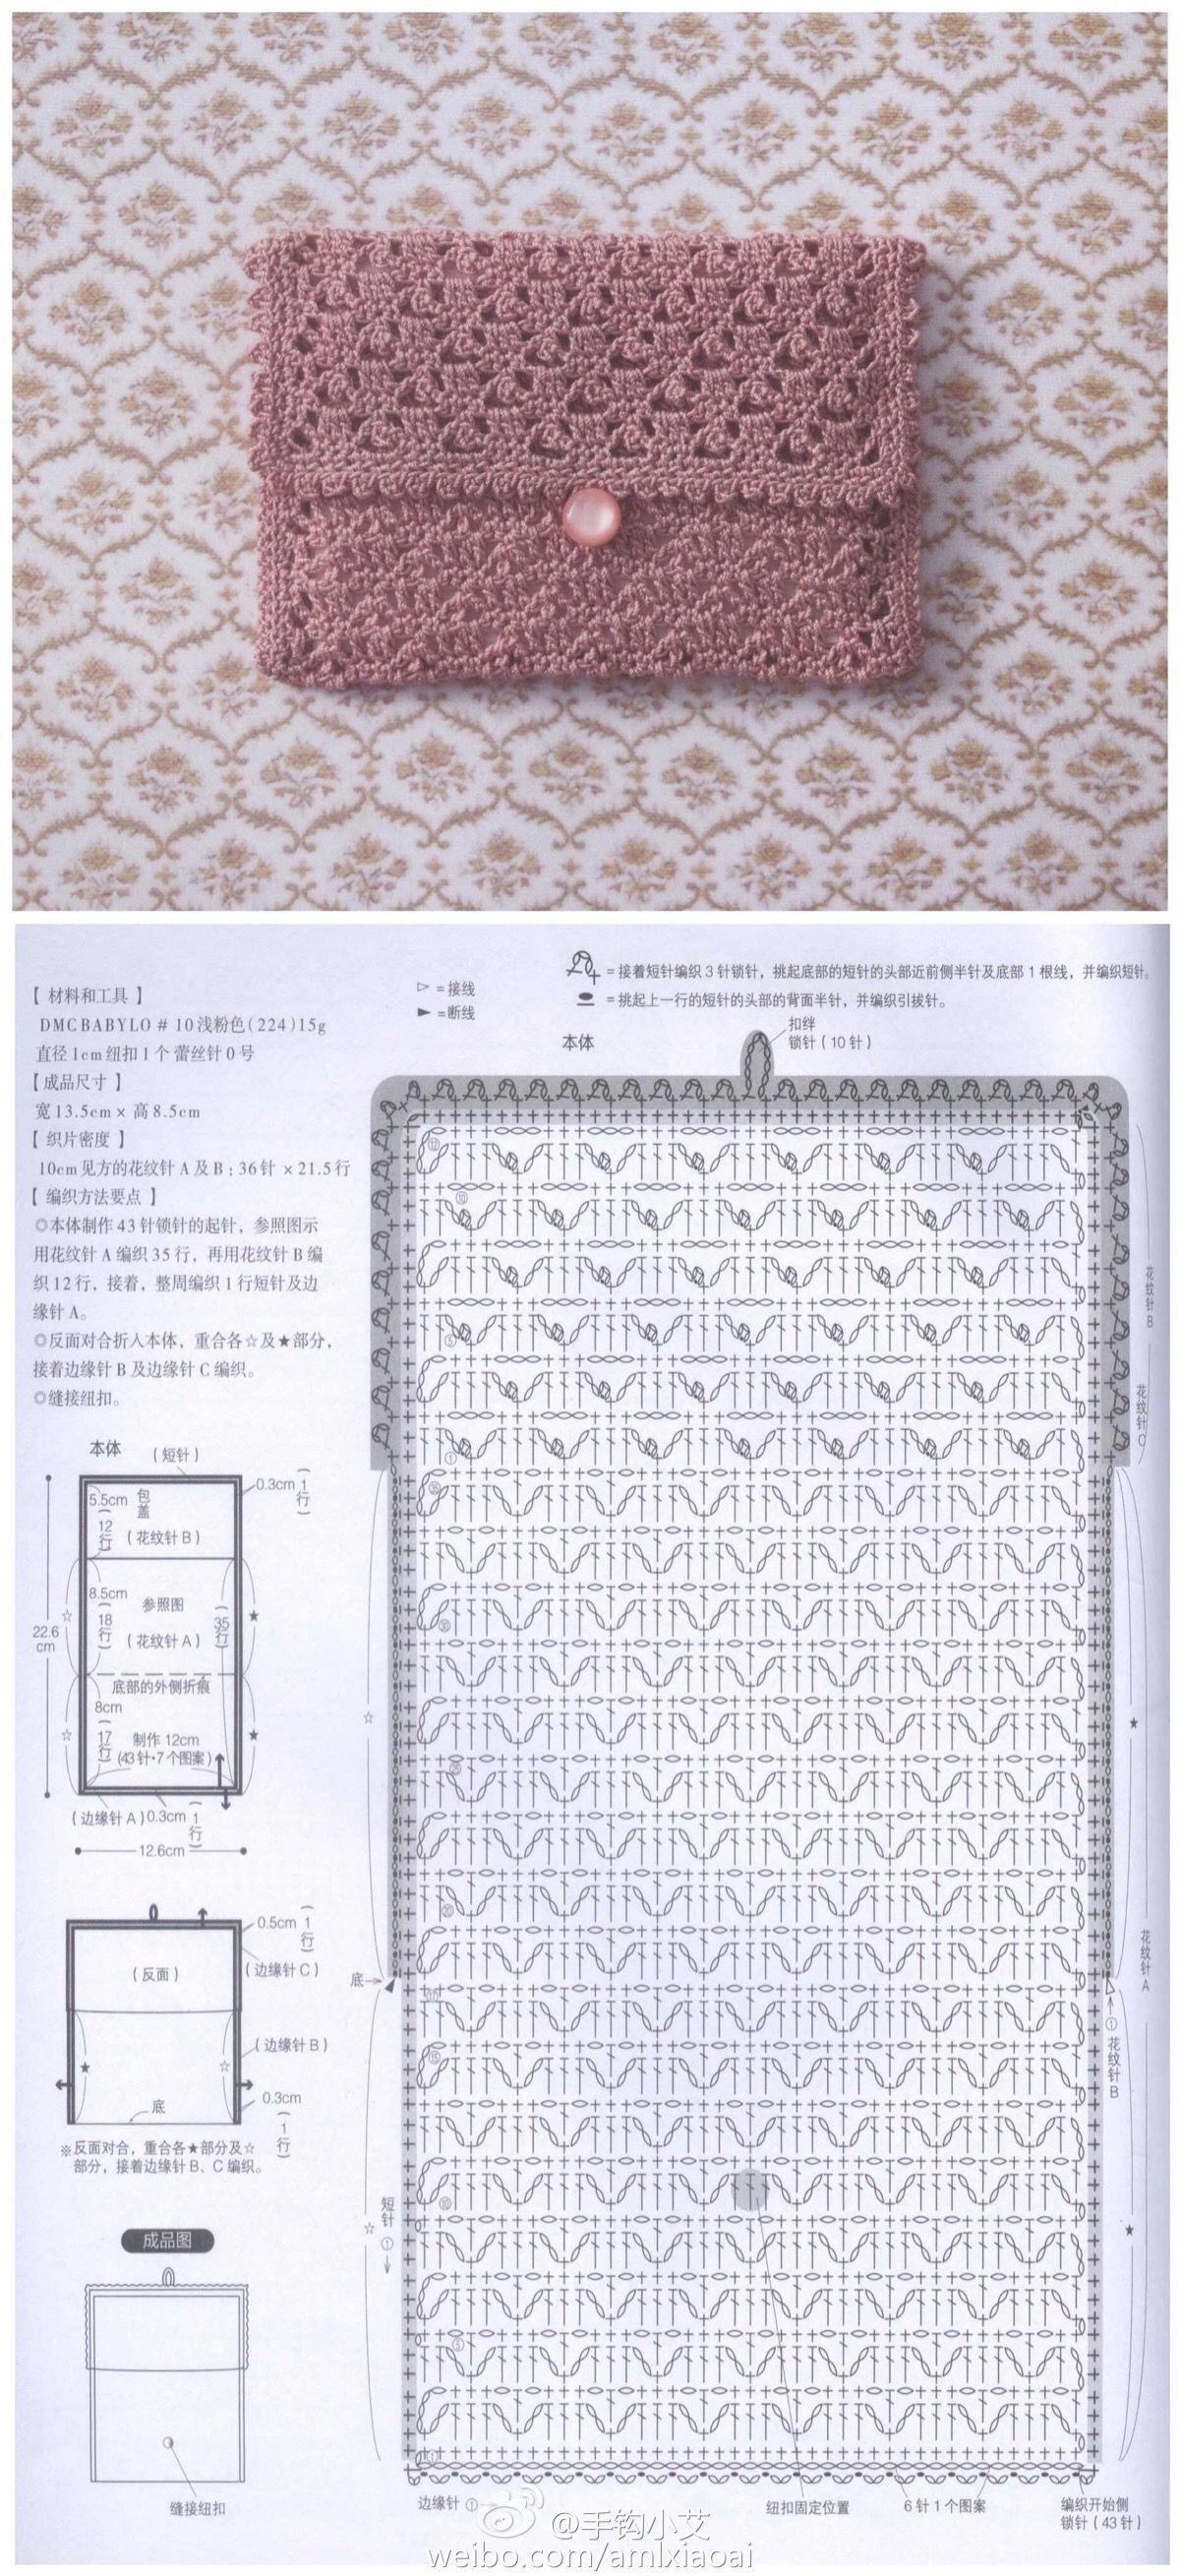 rosie lin | crochet shell stitch, crochet bag, crochet purse patterns  pinterest